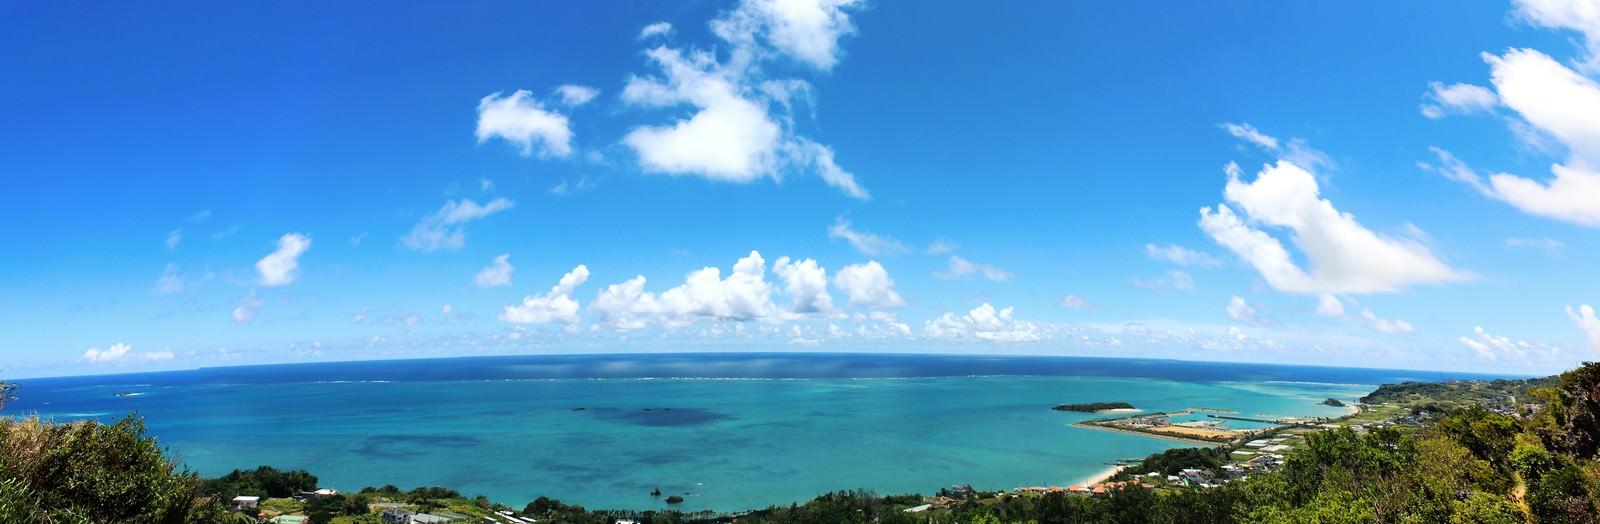 パノラマ写真:沖縄の高台から望む海